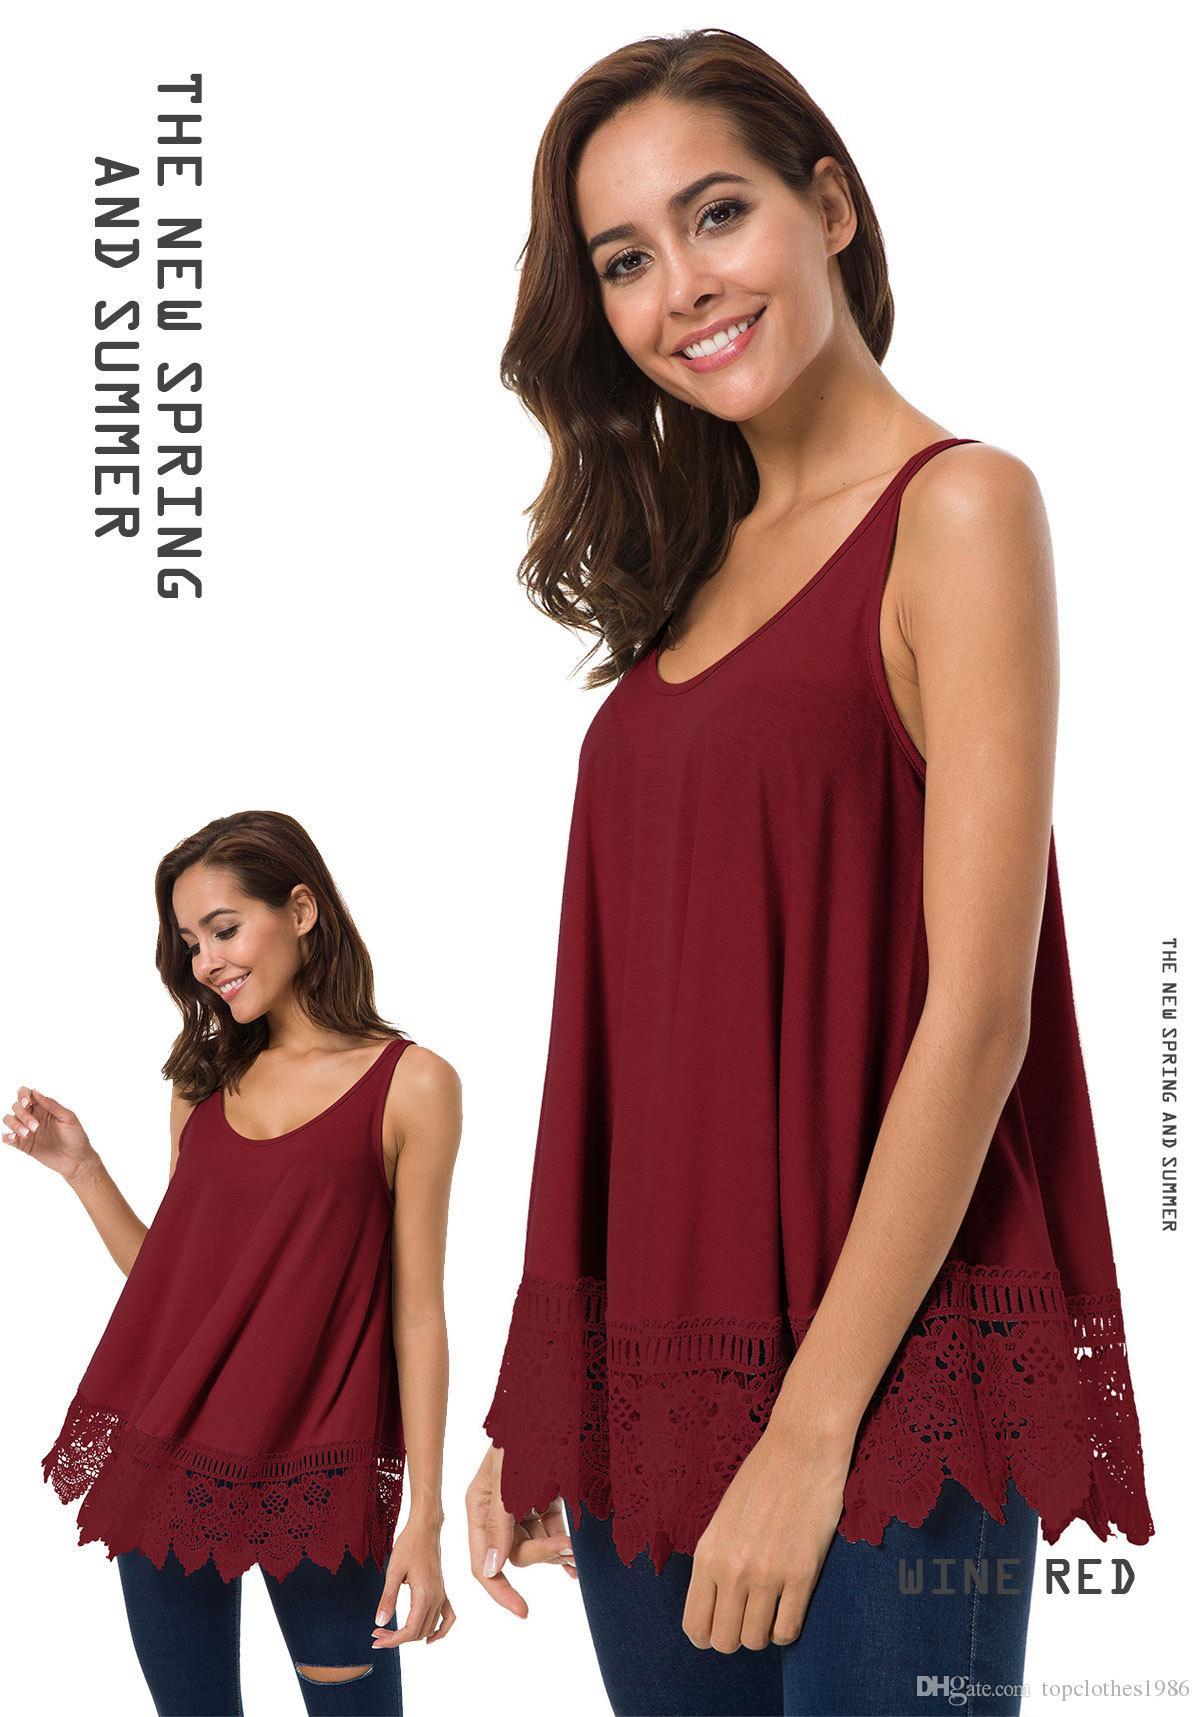 High quality Women's Plus Size sleeveless Loose T-shirt Vest Women's Hot O-neck cotton Lace casual T-shirt vest S M L XL